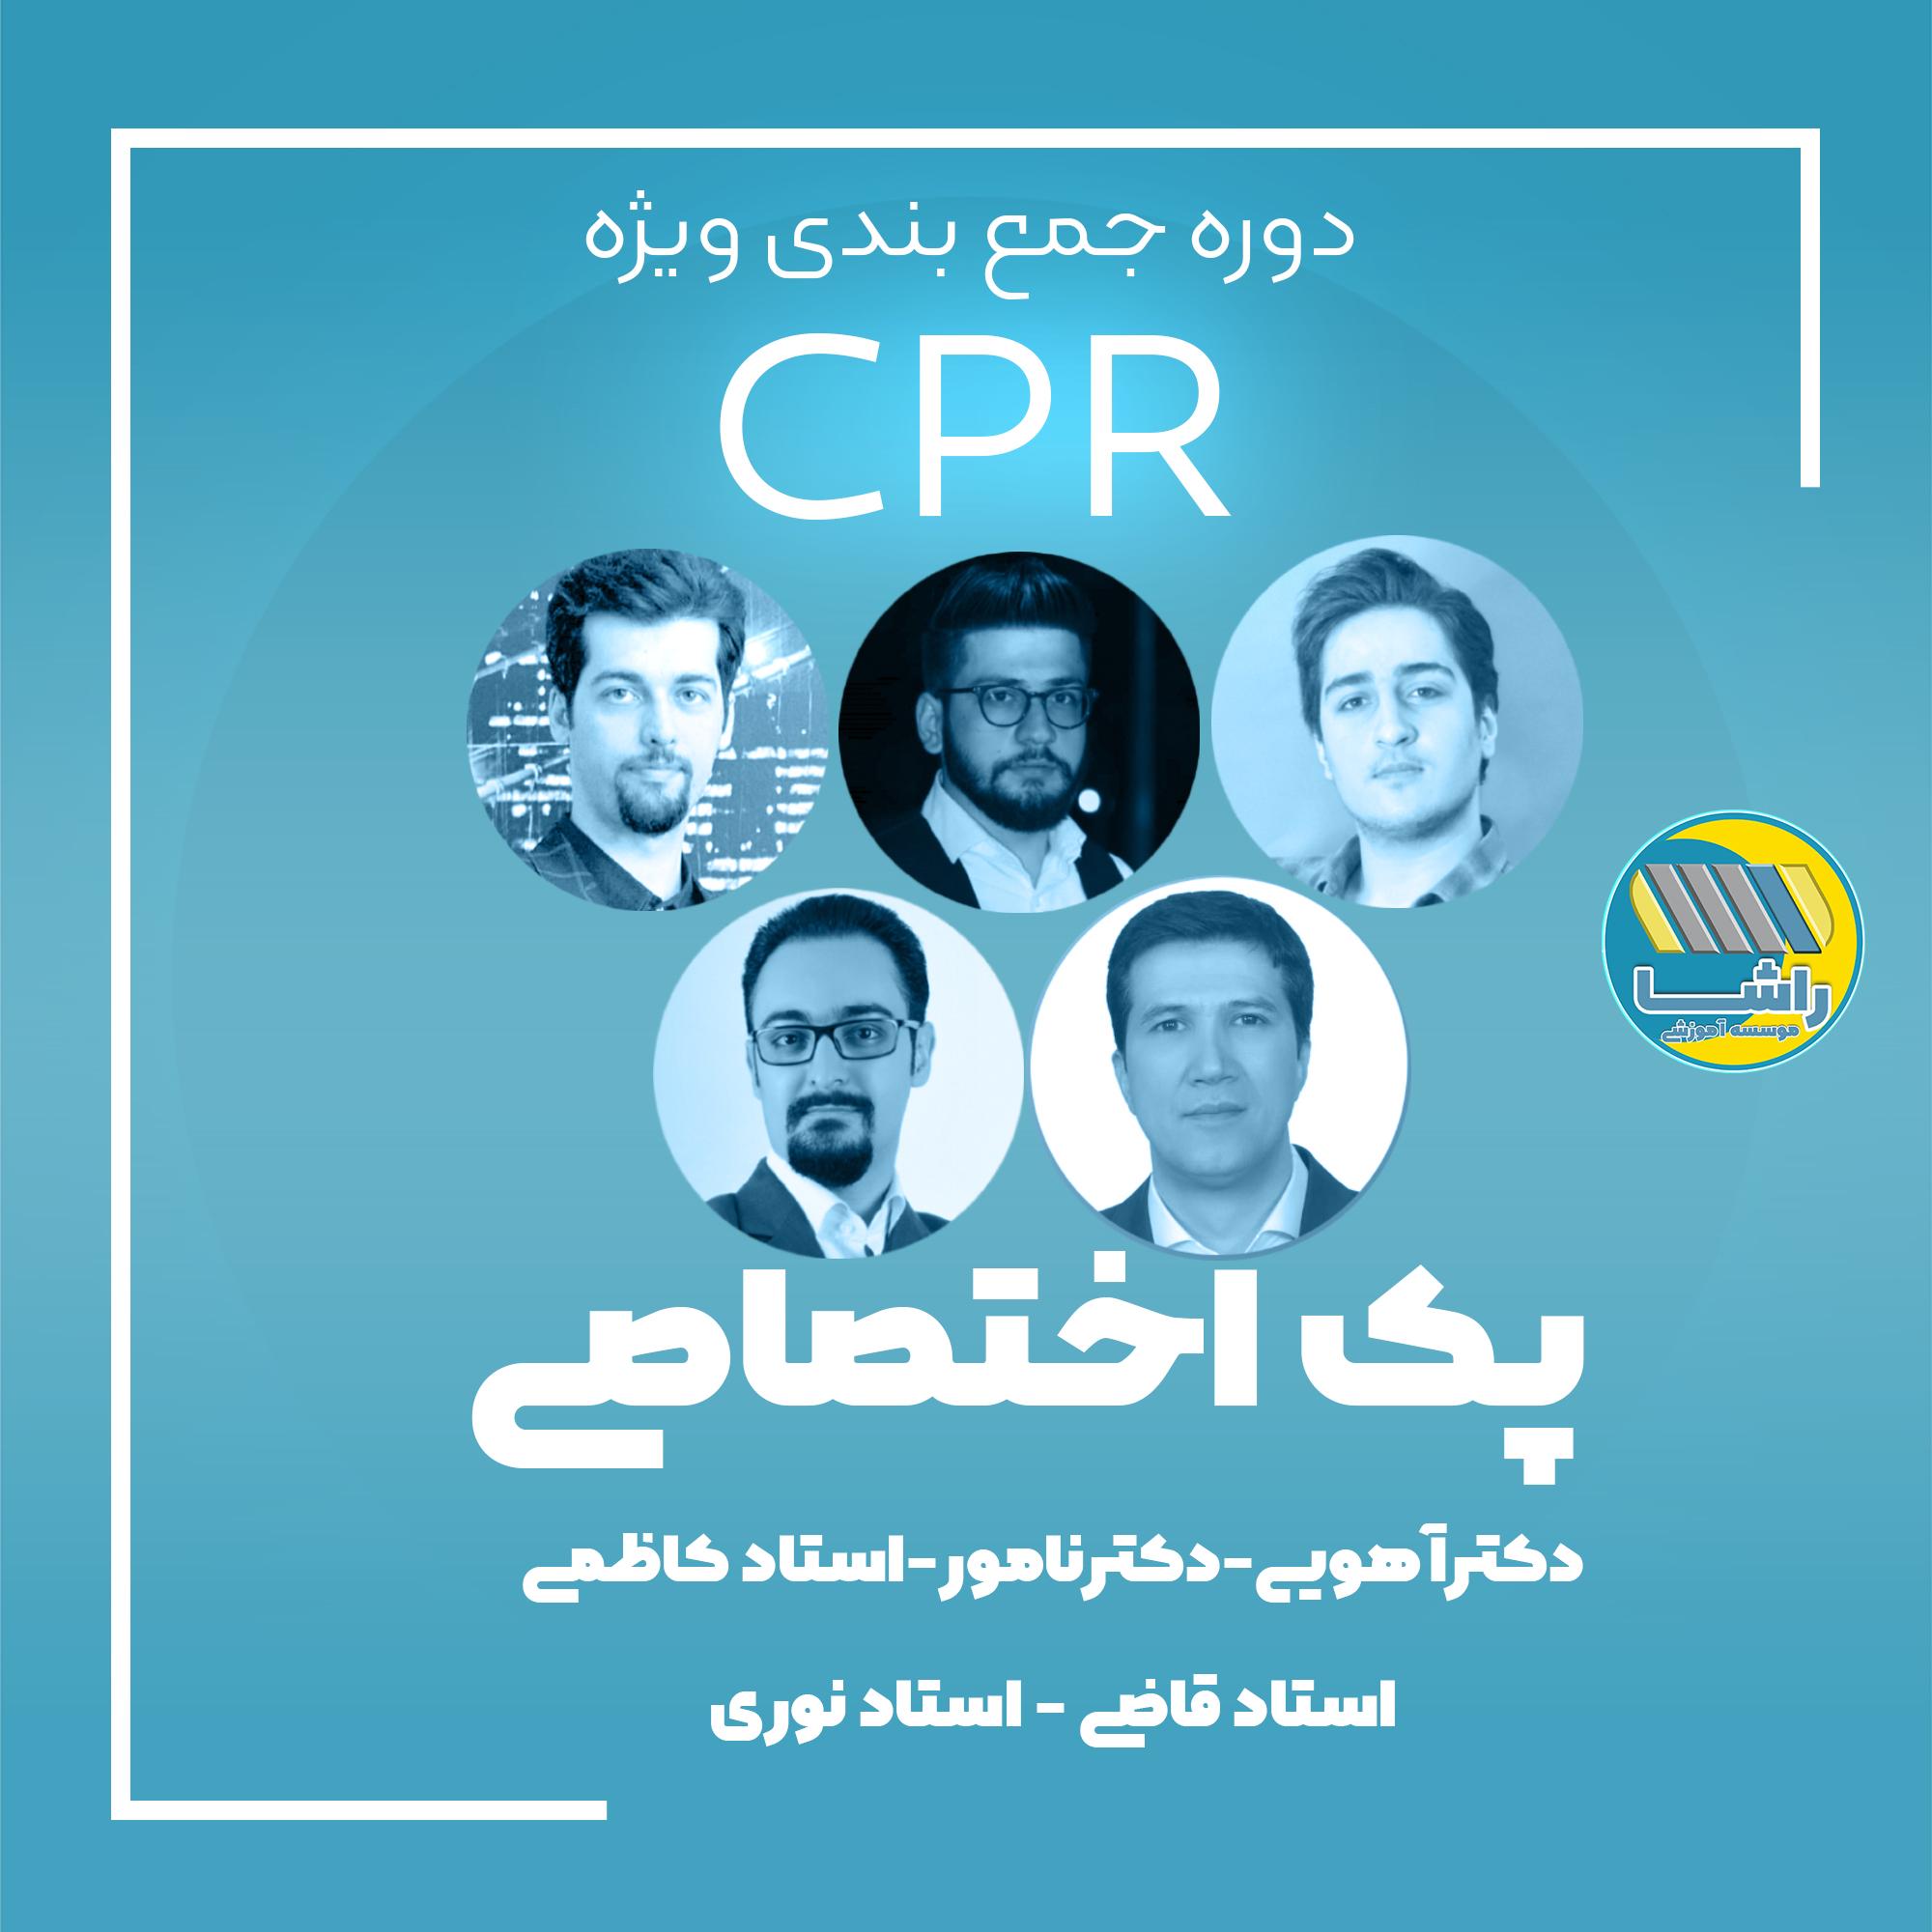 پک اختصاصی دوره جمع بندی ویژه CPR